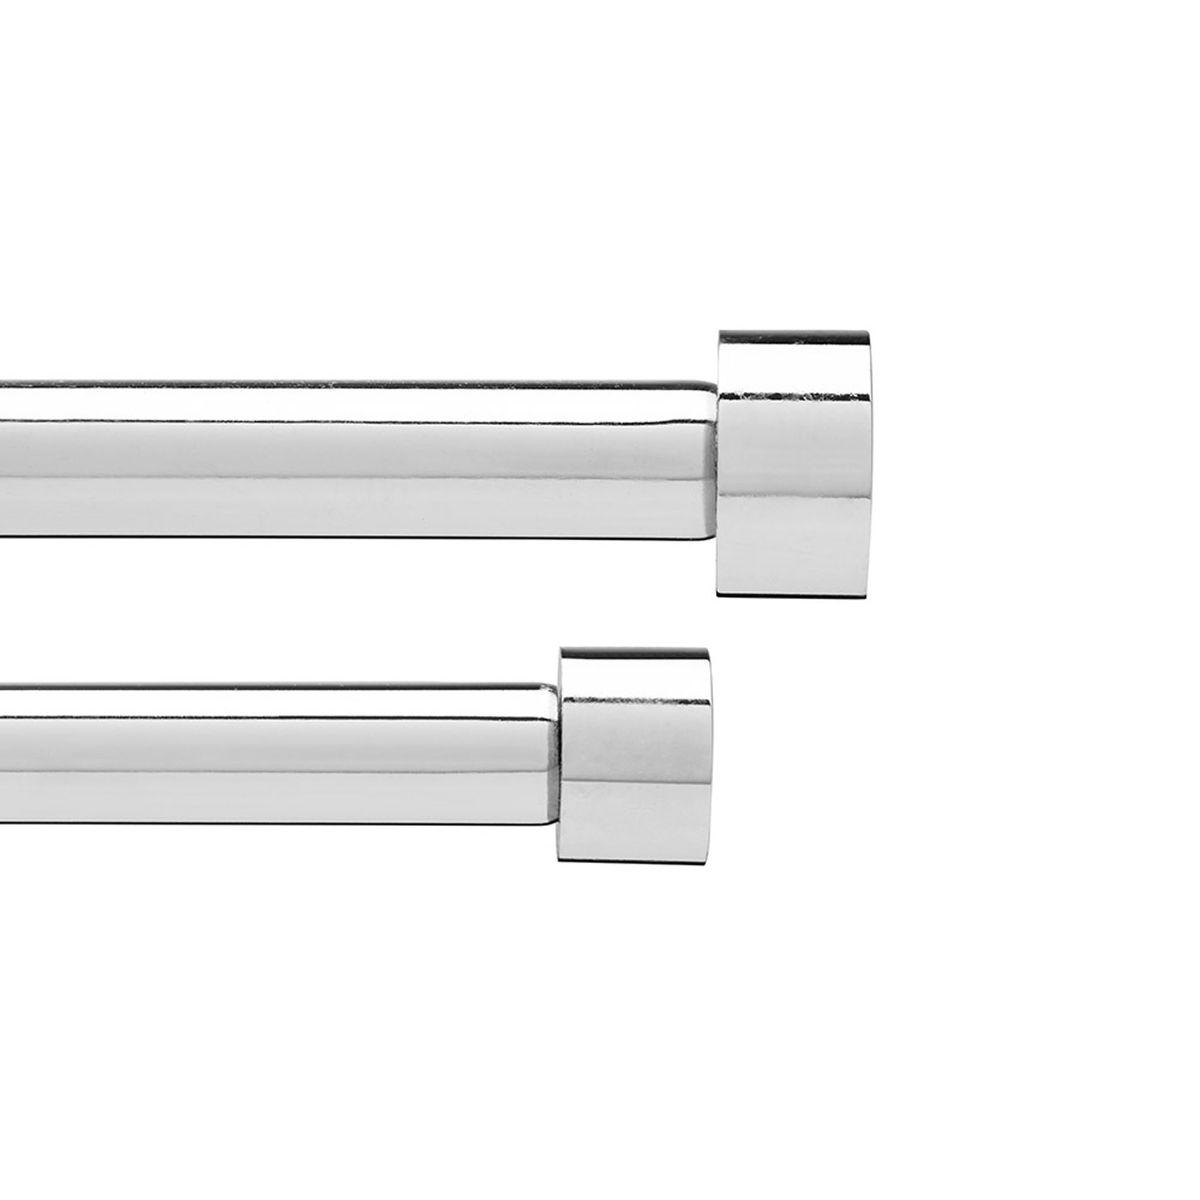 Карниз Umbra двойной Cappa (183-366 см) хром. 245967-158245967-158Двойной карниз для штор Cappa имеет телескопическую конструкцию, которая позволяет регулировать его длину, и металлические украшения в виде насадок по краям. Диаметр переднего карниза 1,9 см, заднего 1,6 см. Крепления идут в комплекте.